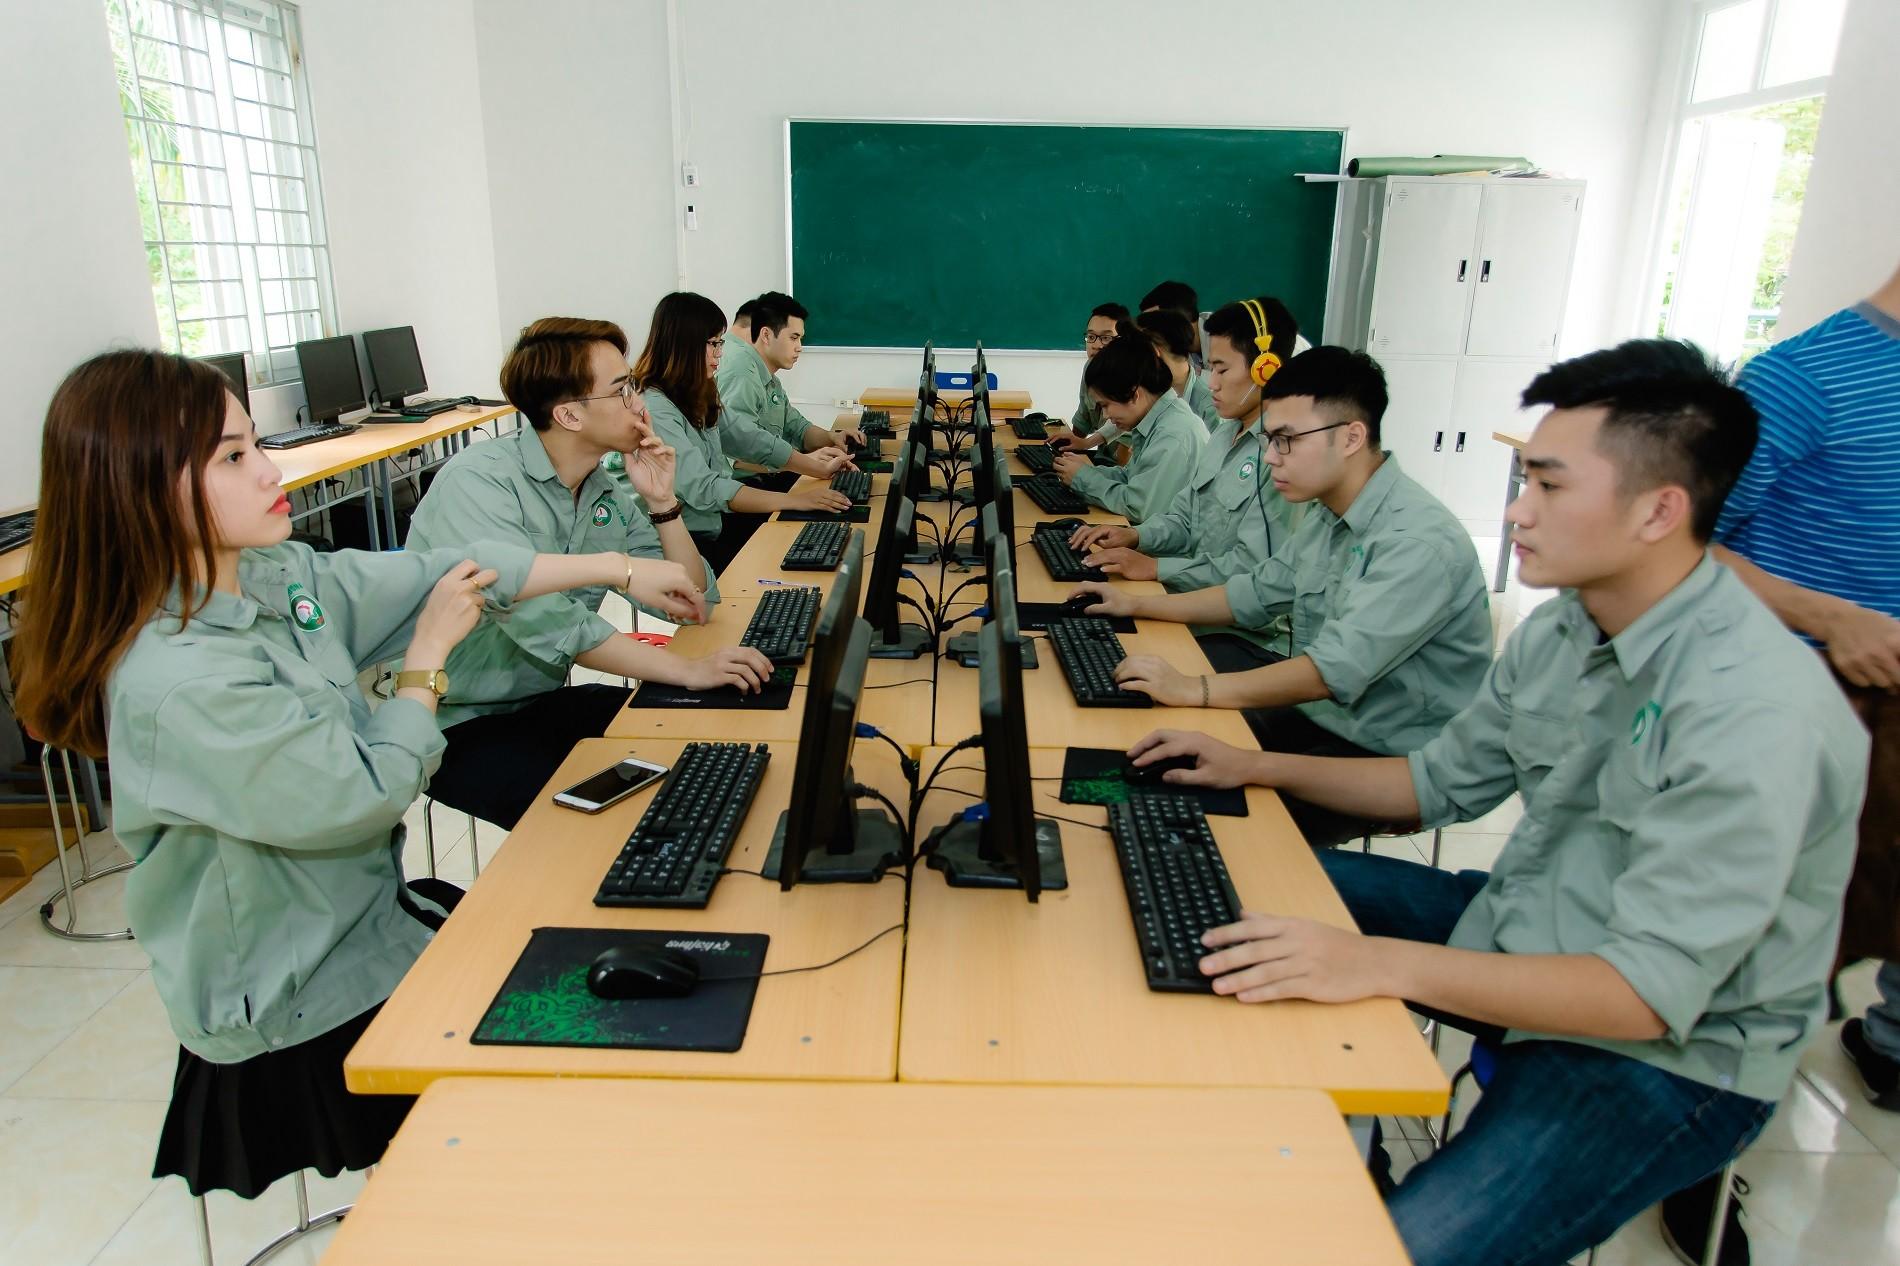 """Truyền thông - Bất ngờ trường duy nhất cam kết """"bao"""" việc làm, hoàn học phí nếu thất nghiệp (Hình 5)."""